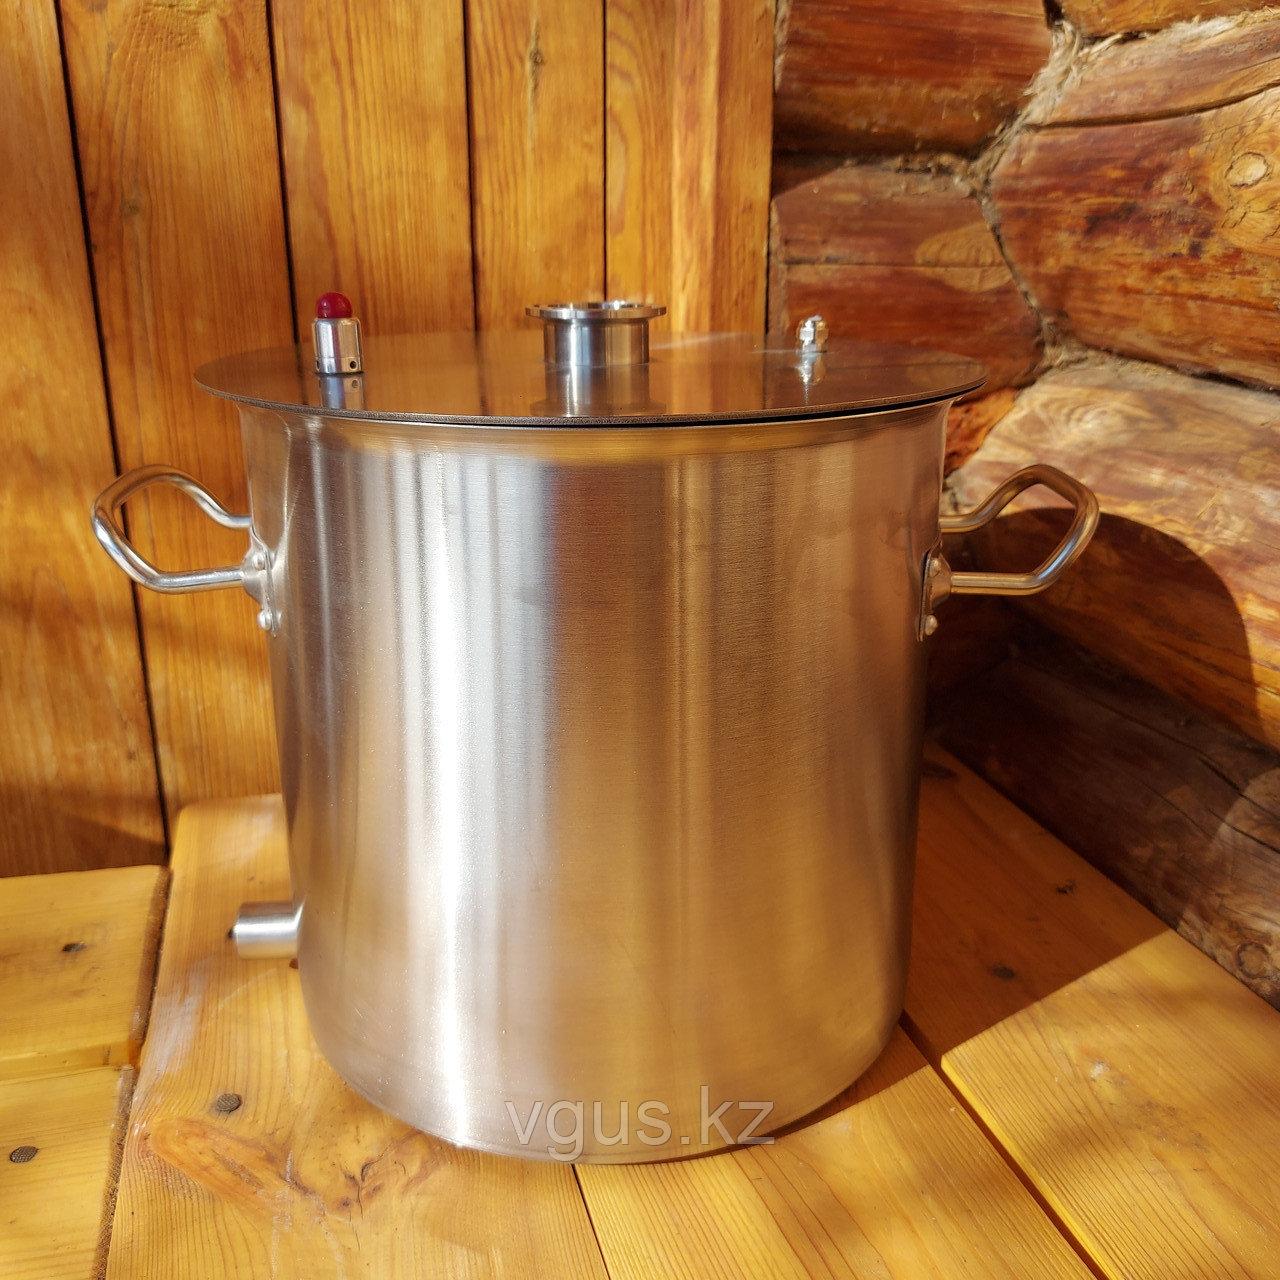 Перегонный куб 12 литров с крышкой , прокладкой и хомутом в комплекте. С ввареным штуцером для слива барды 1/2